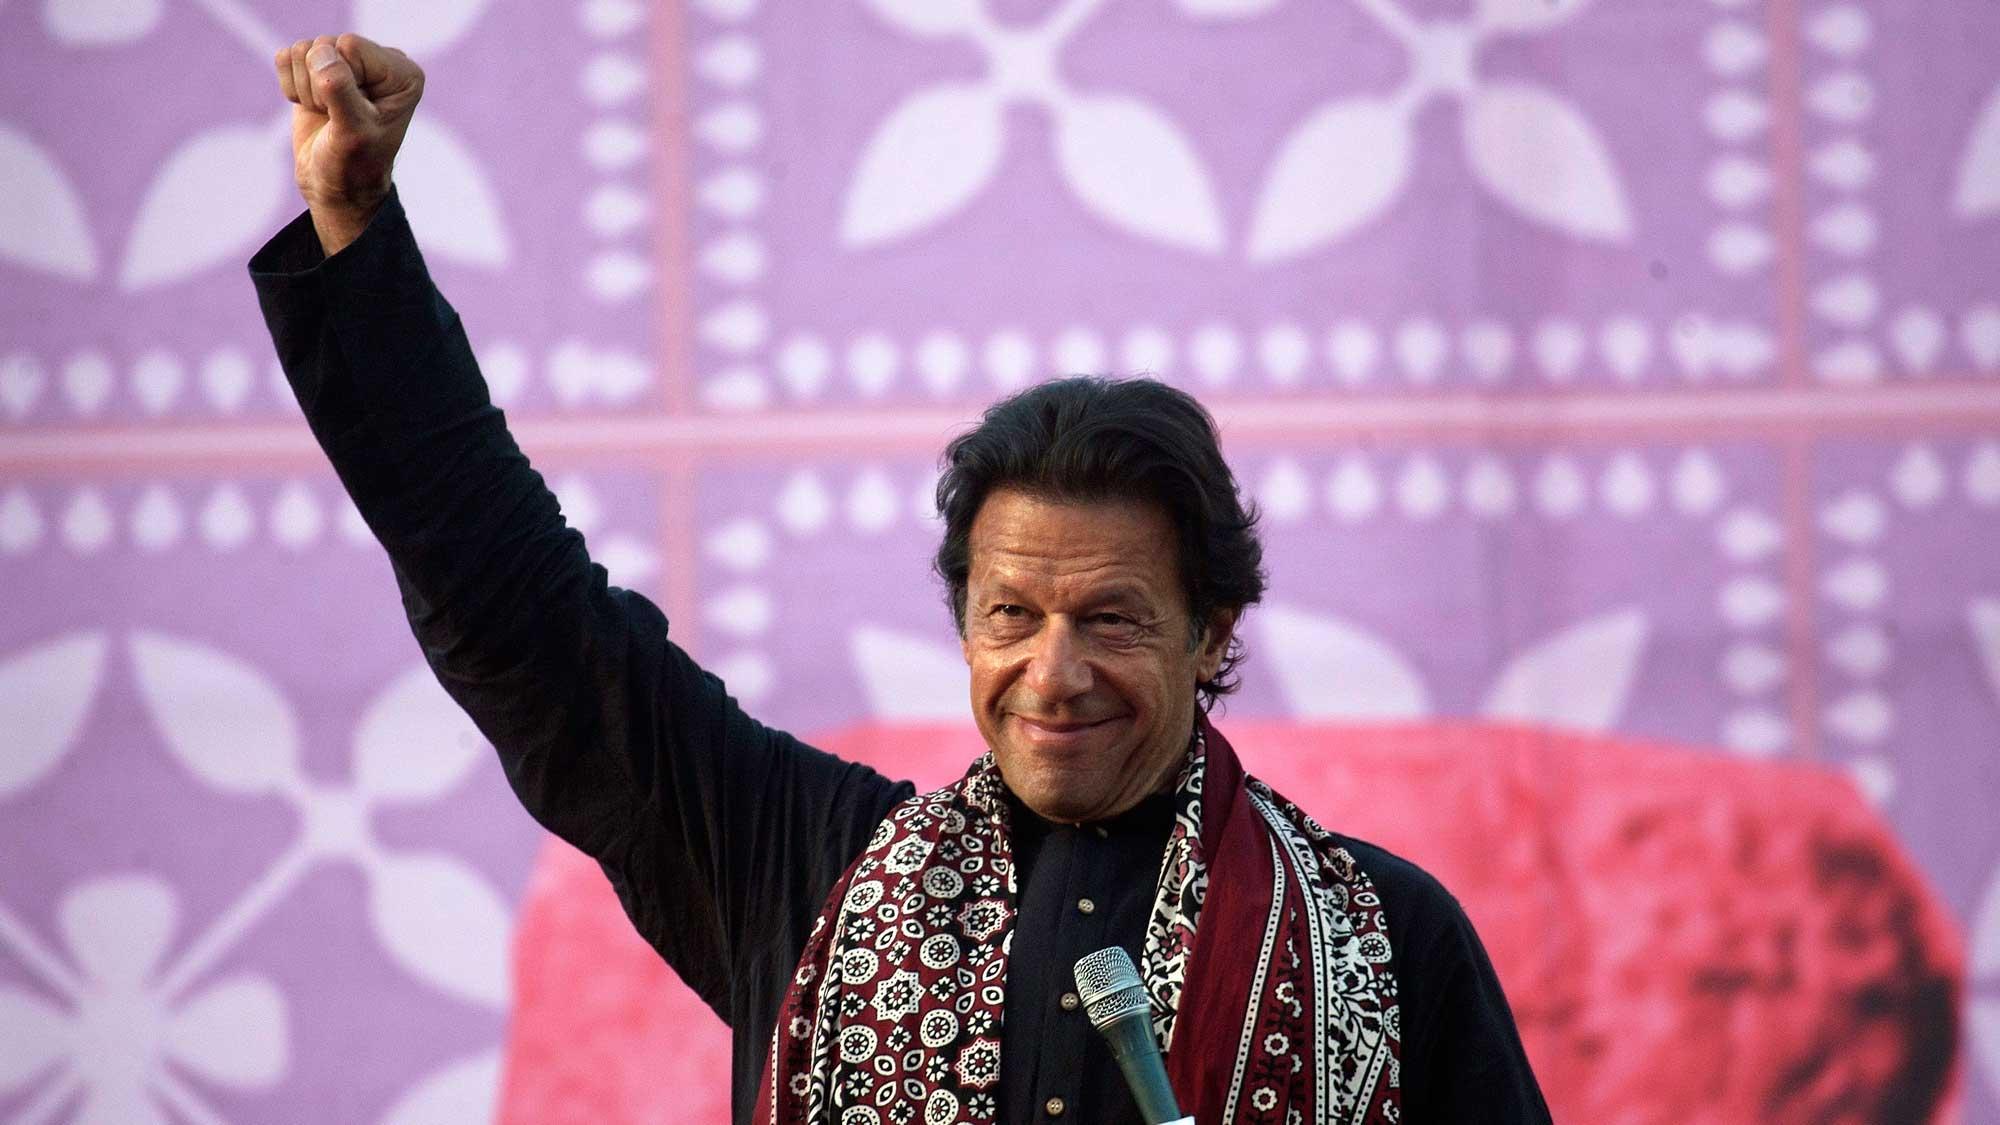 cricket legend imran khan - 1070×717